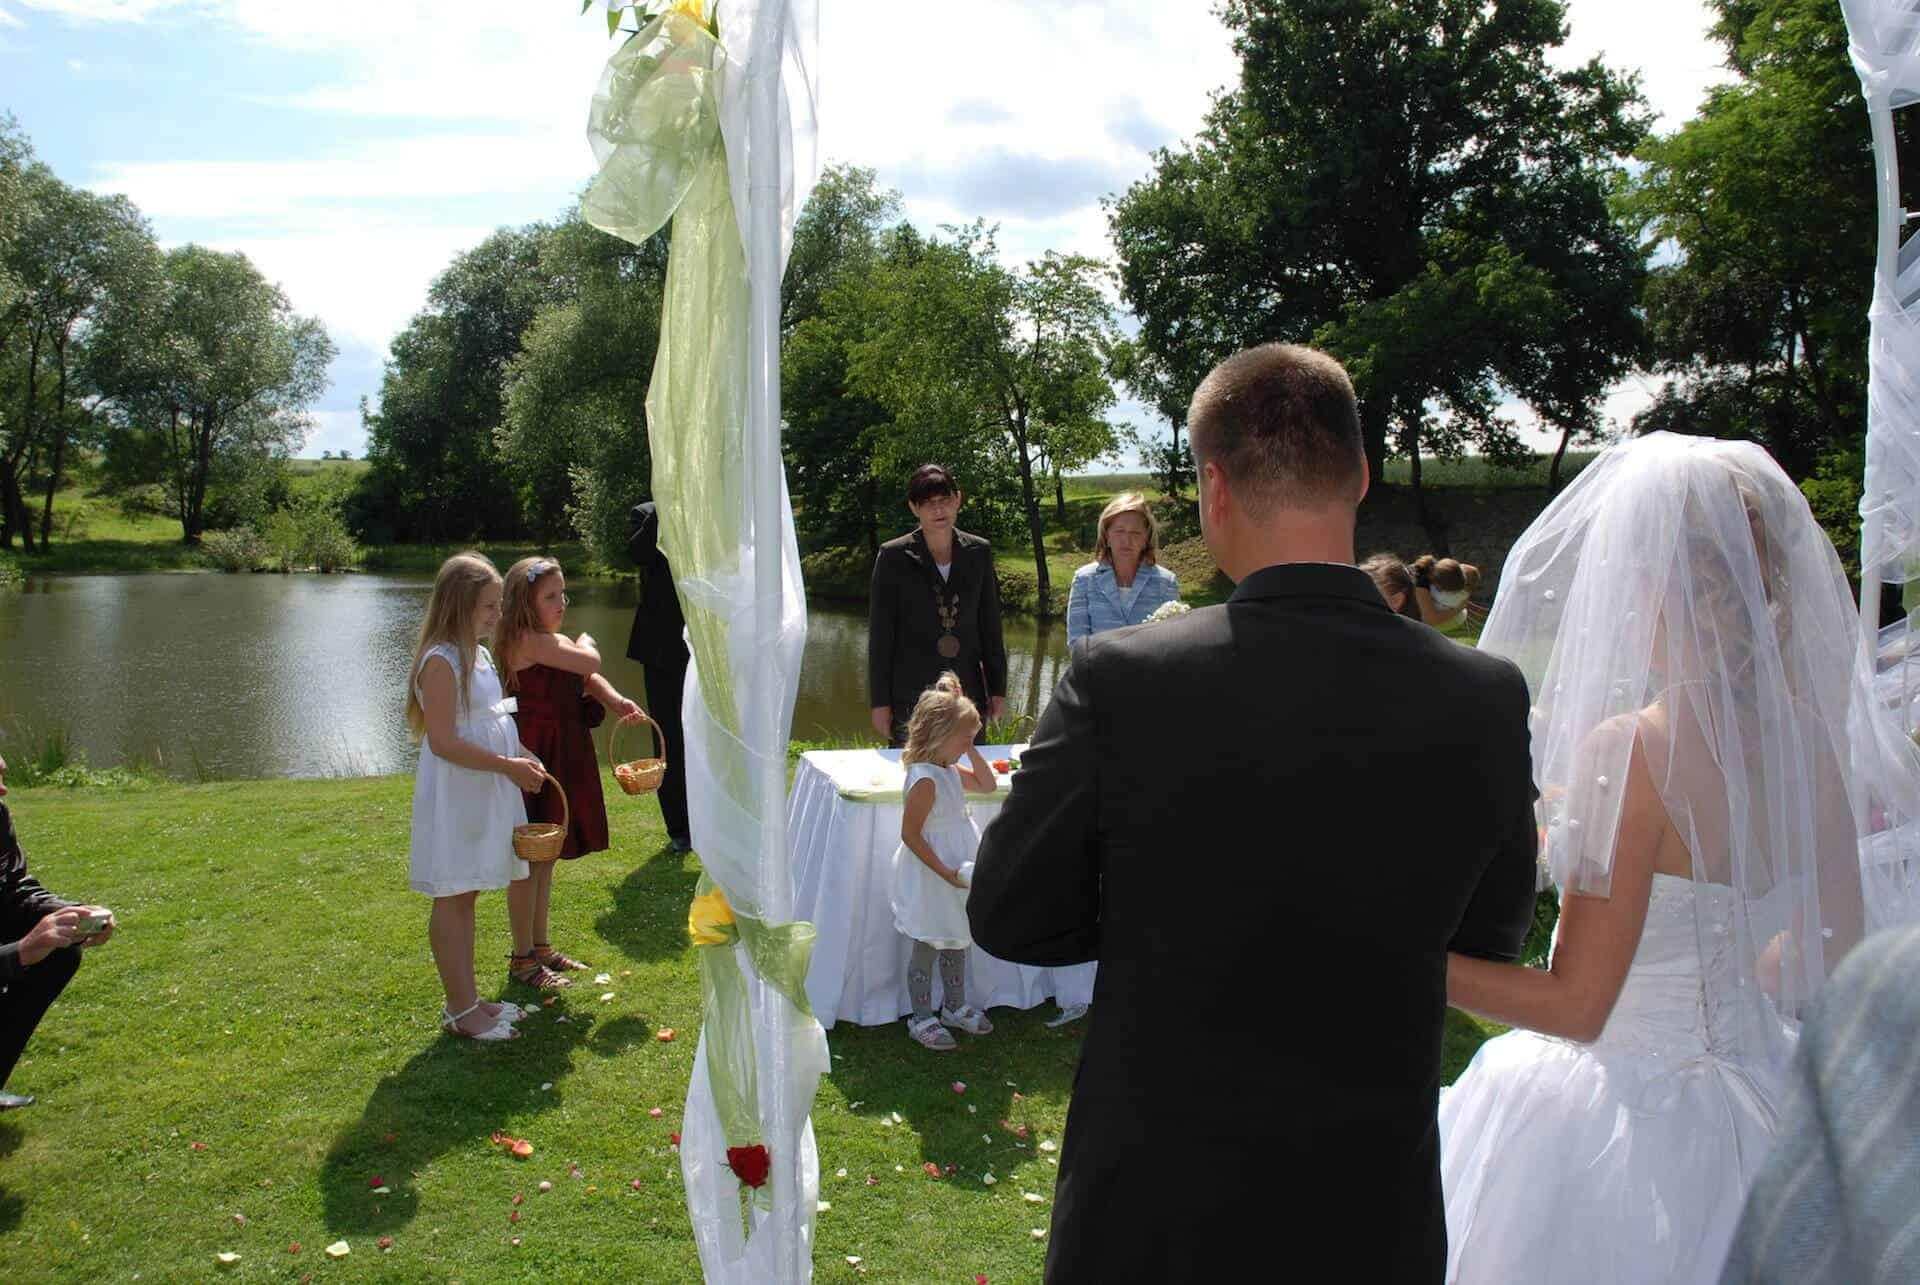 Hliněná bašta Průhonice svatební venkovní obřad 4